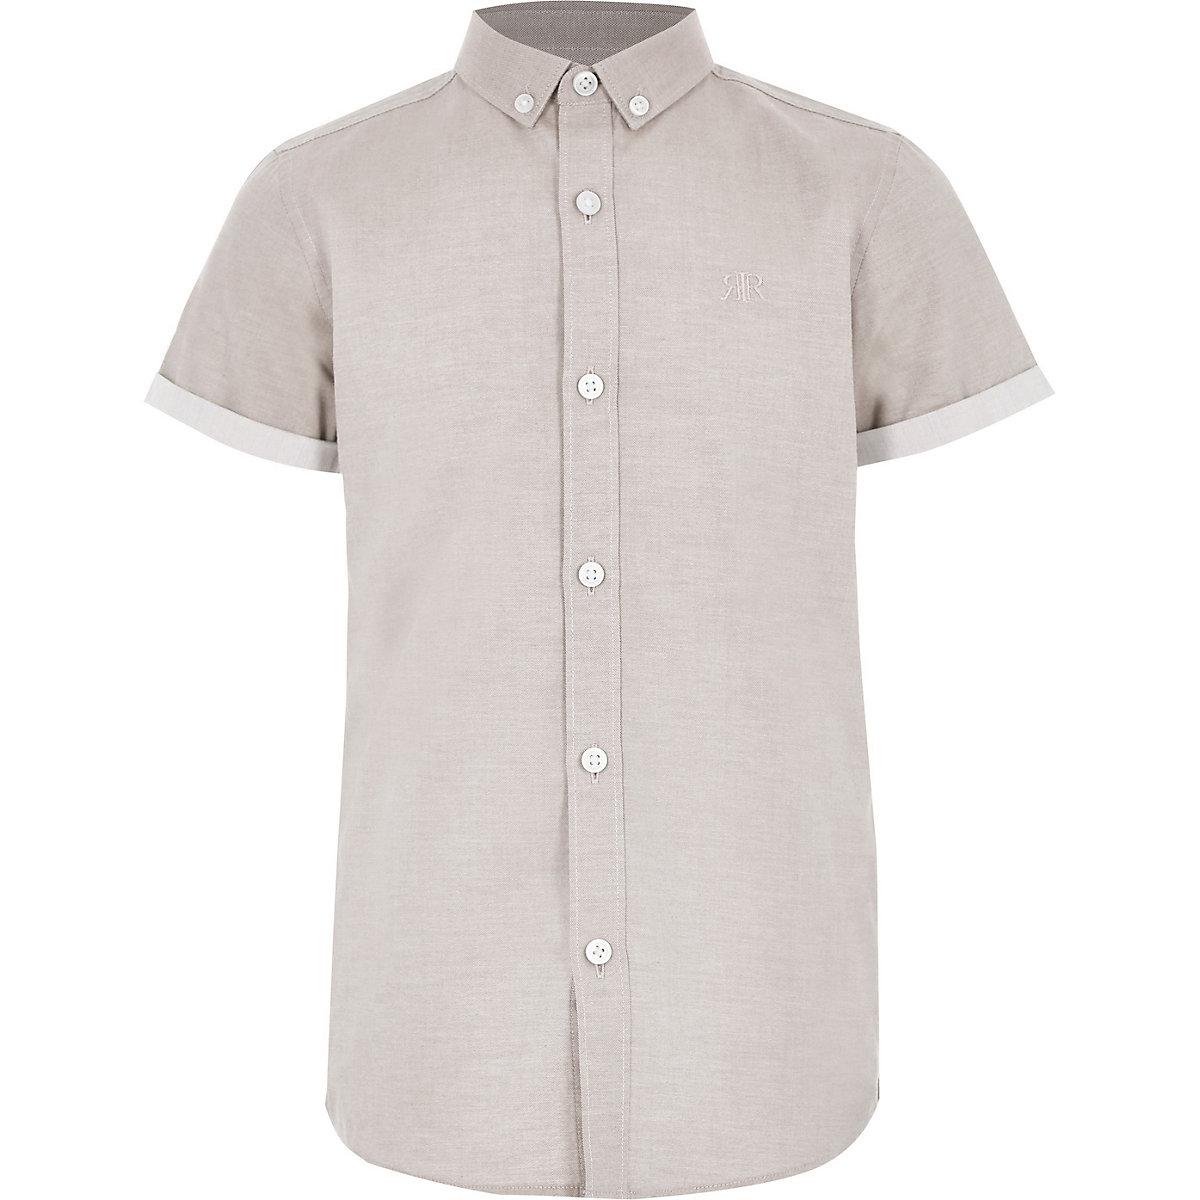 Boys stone RI short sleeve shirt